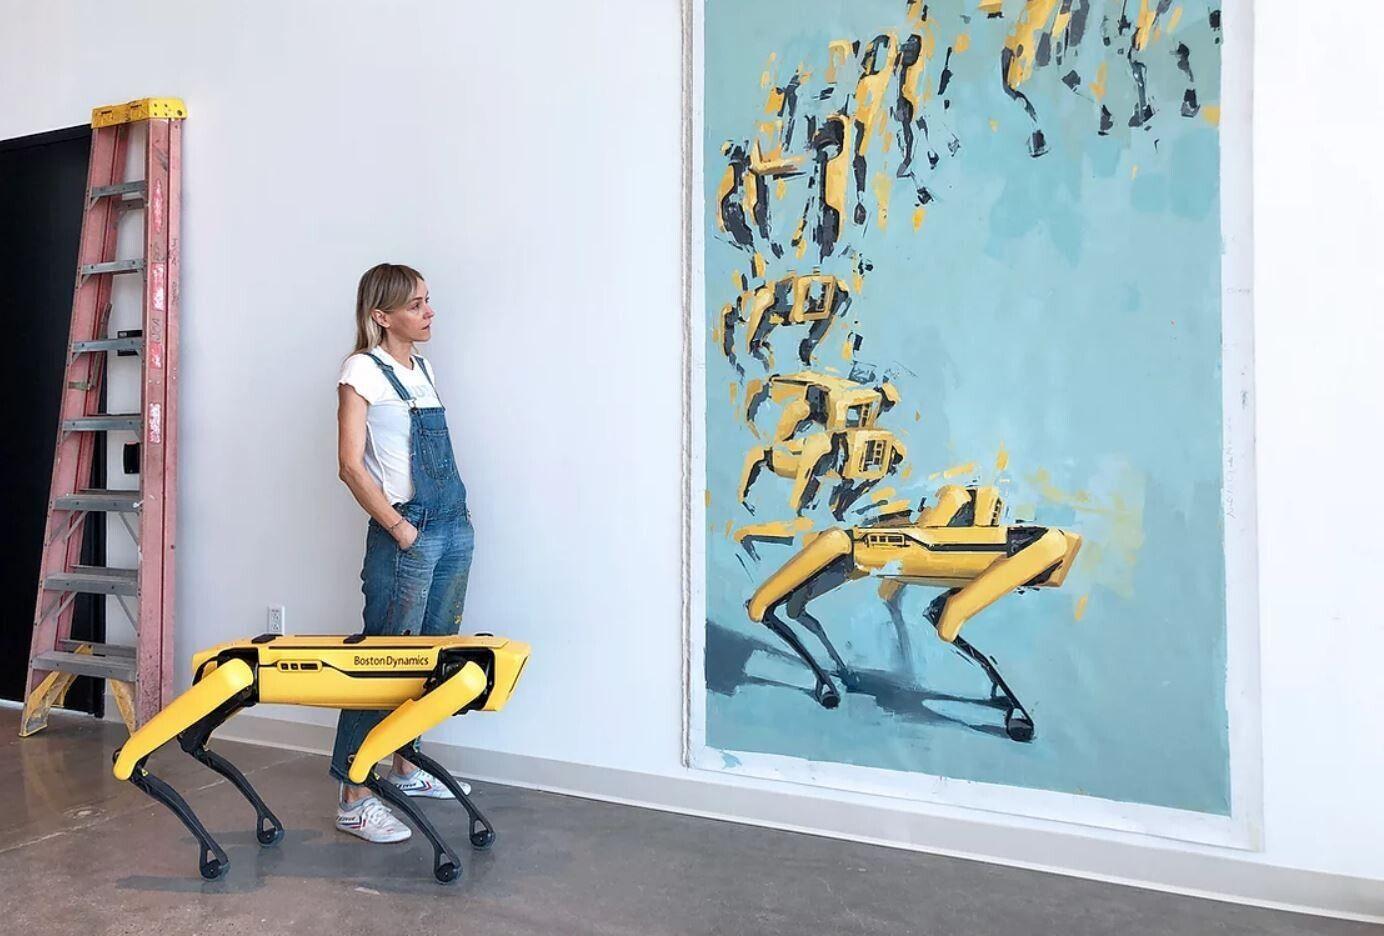 Польська художниця презентувала серію картин, намальованих спільно з робособакою Boston Dynamics (ФОТО)